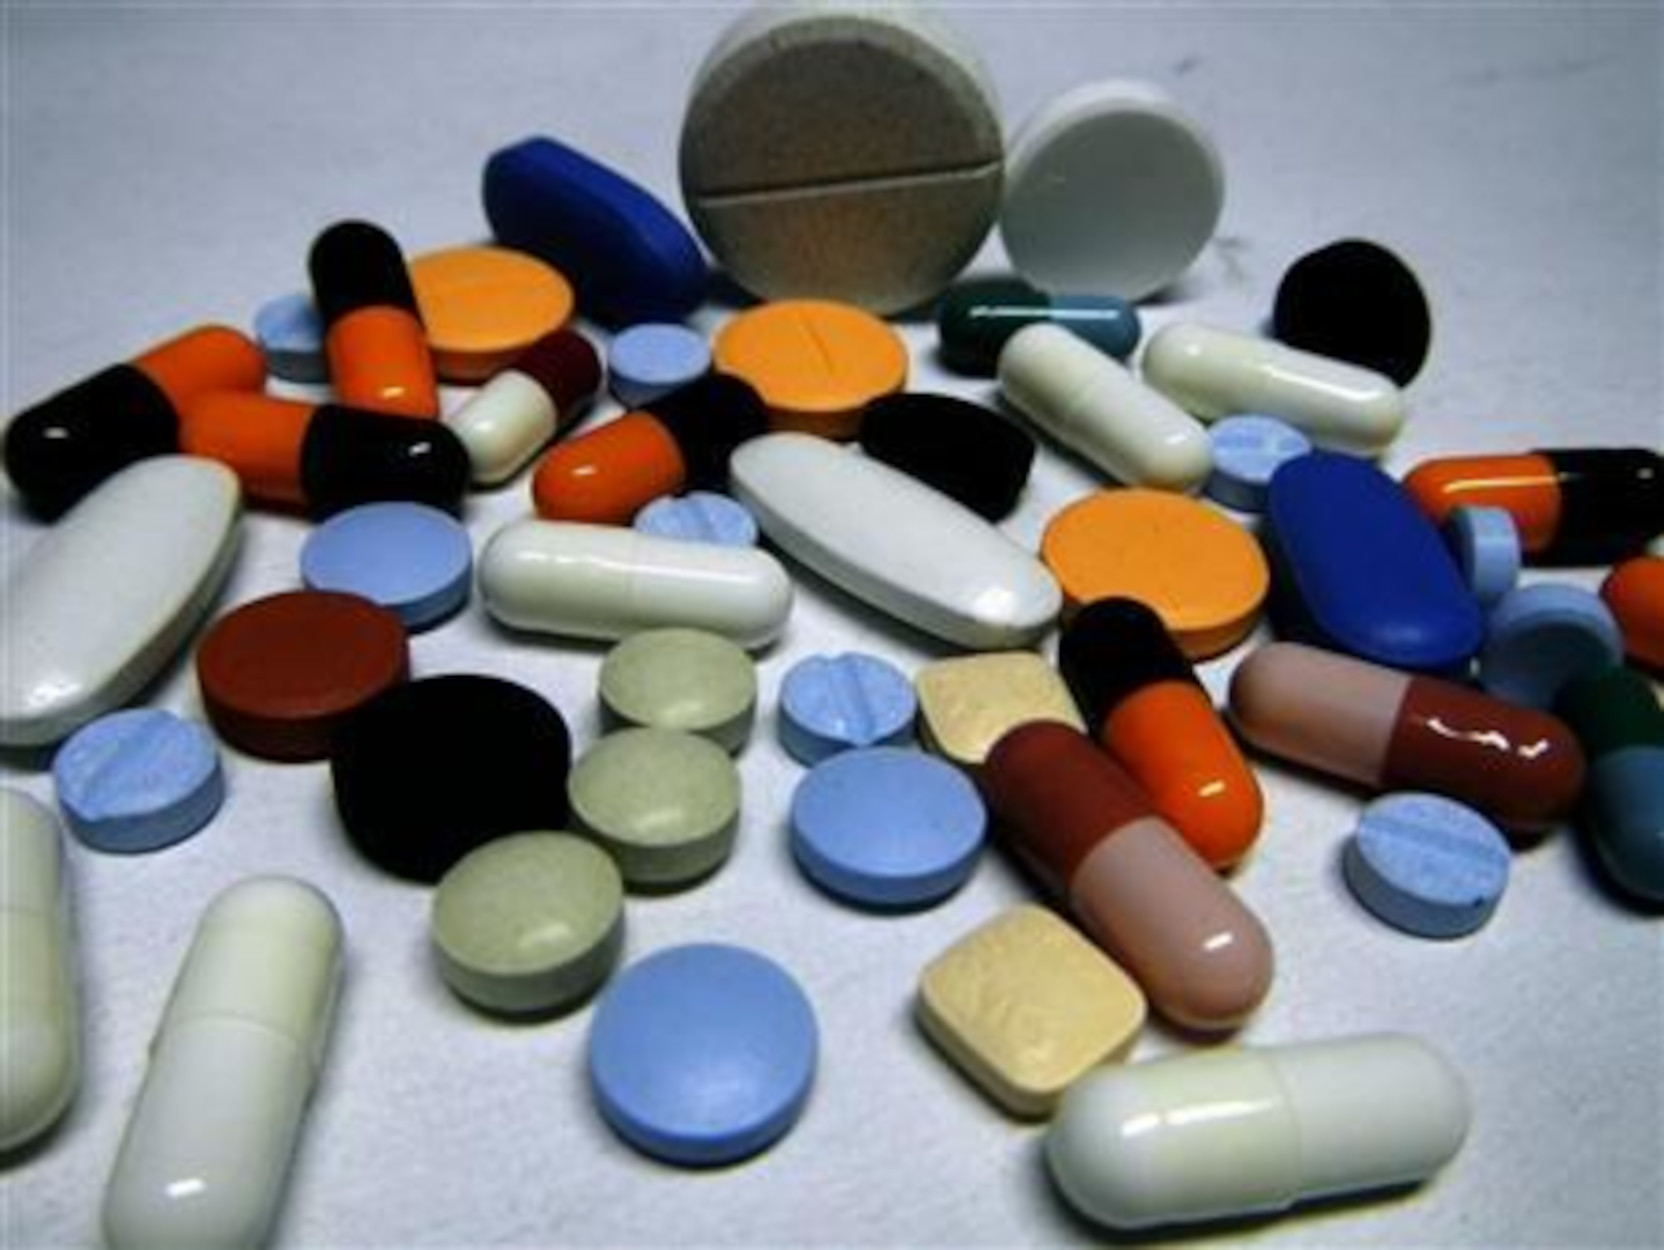 Κορονοϊός: Αυτές οι βιταμίνες μειώνουν τις πιθανότητες νόσησης